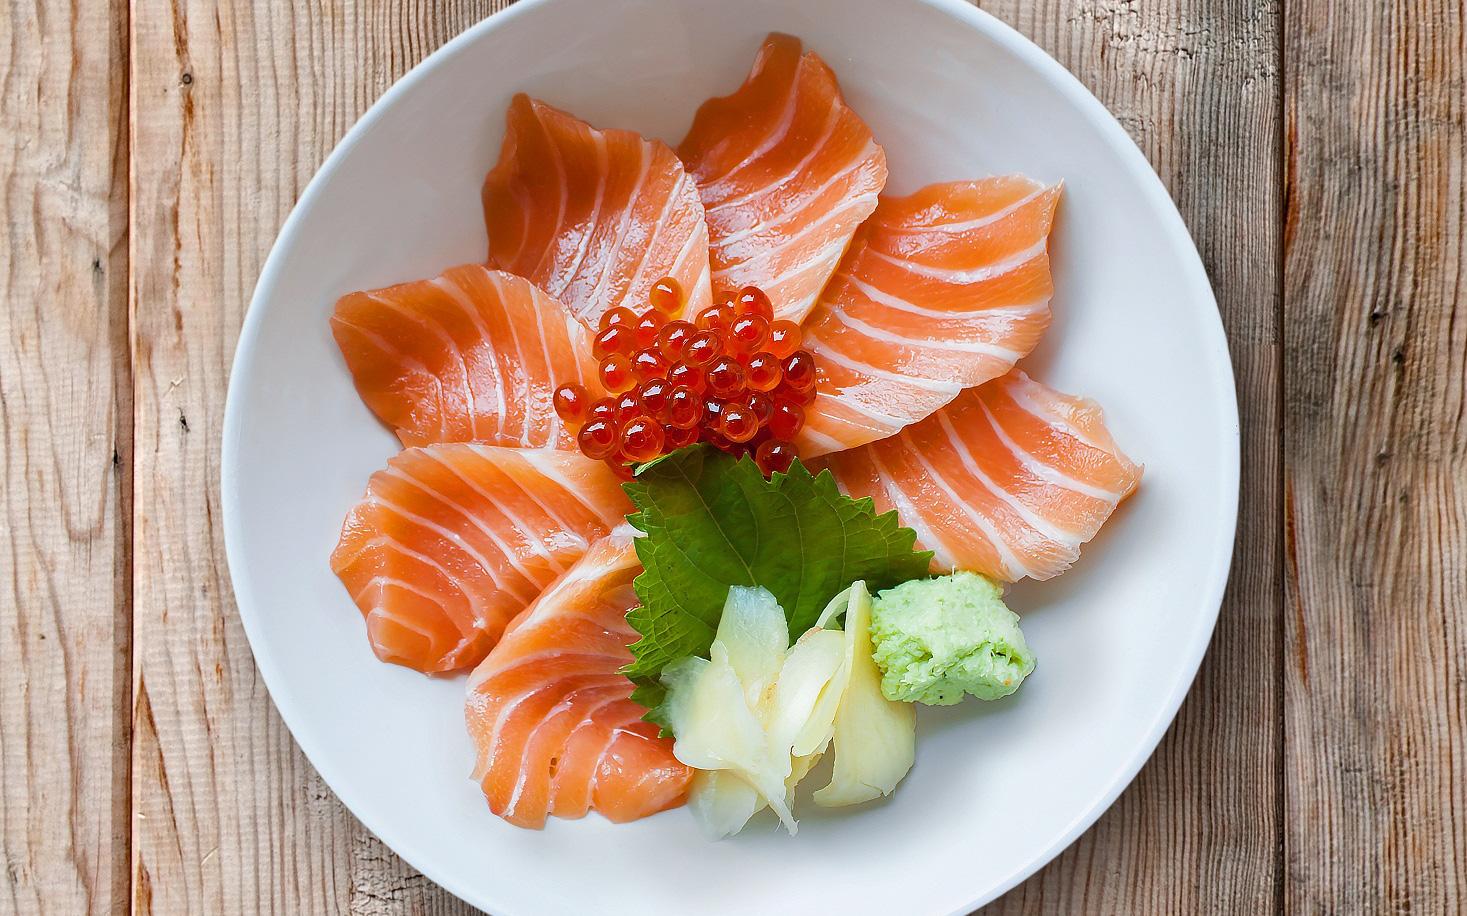 Những món ăn giúp trí não trẻ lên 3 thông minh vượt trội, 'học một biết mười' - Ảnh 1